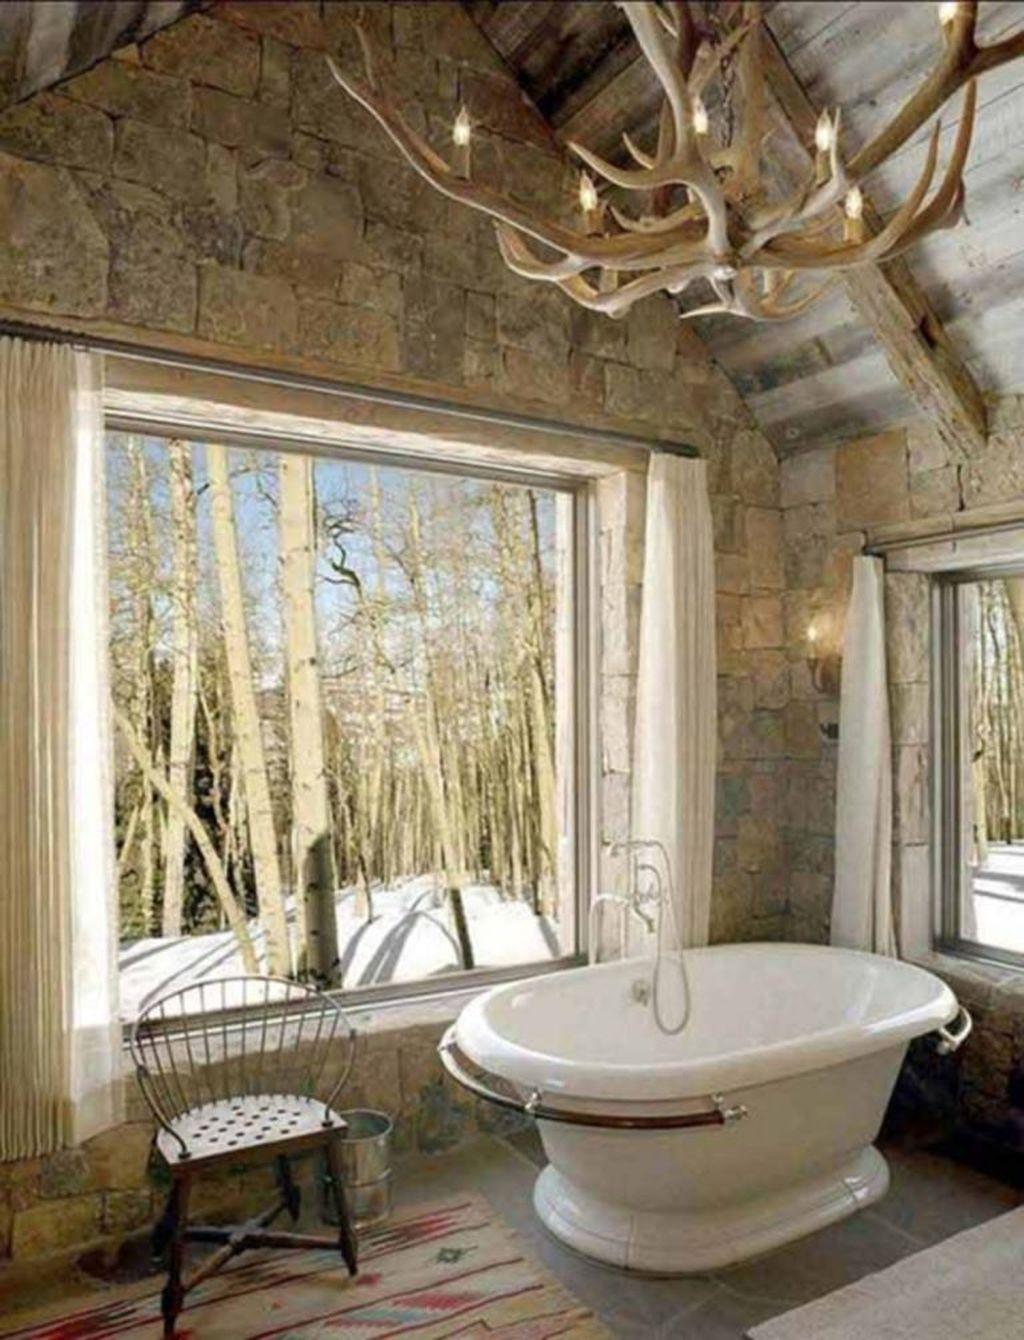 Amazing Rustic Barn Bathroom Decor Ideas 31